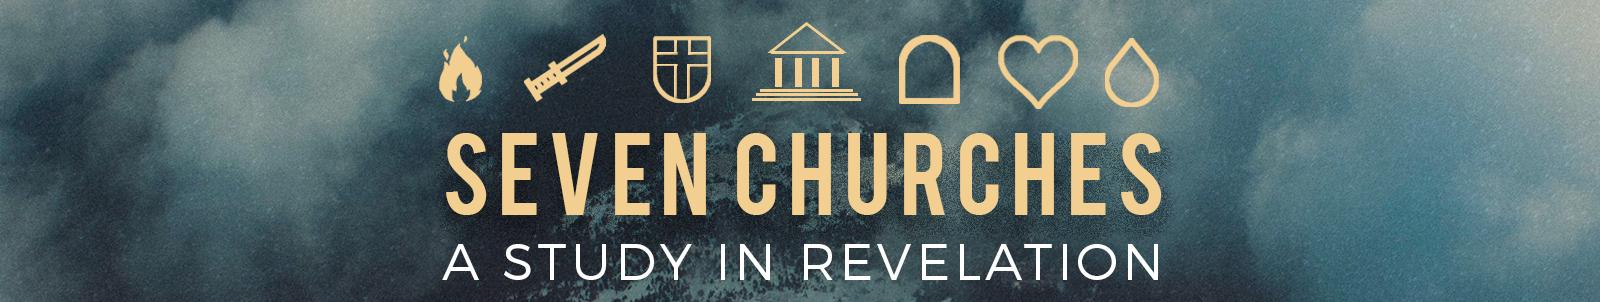 Seven Churches.jpg